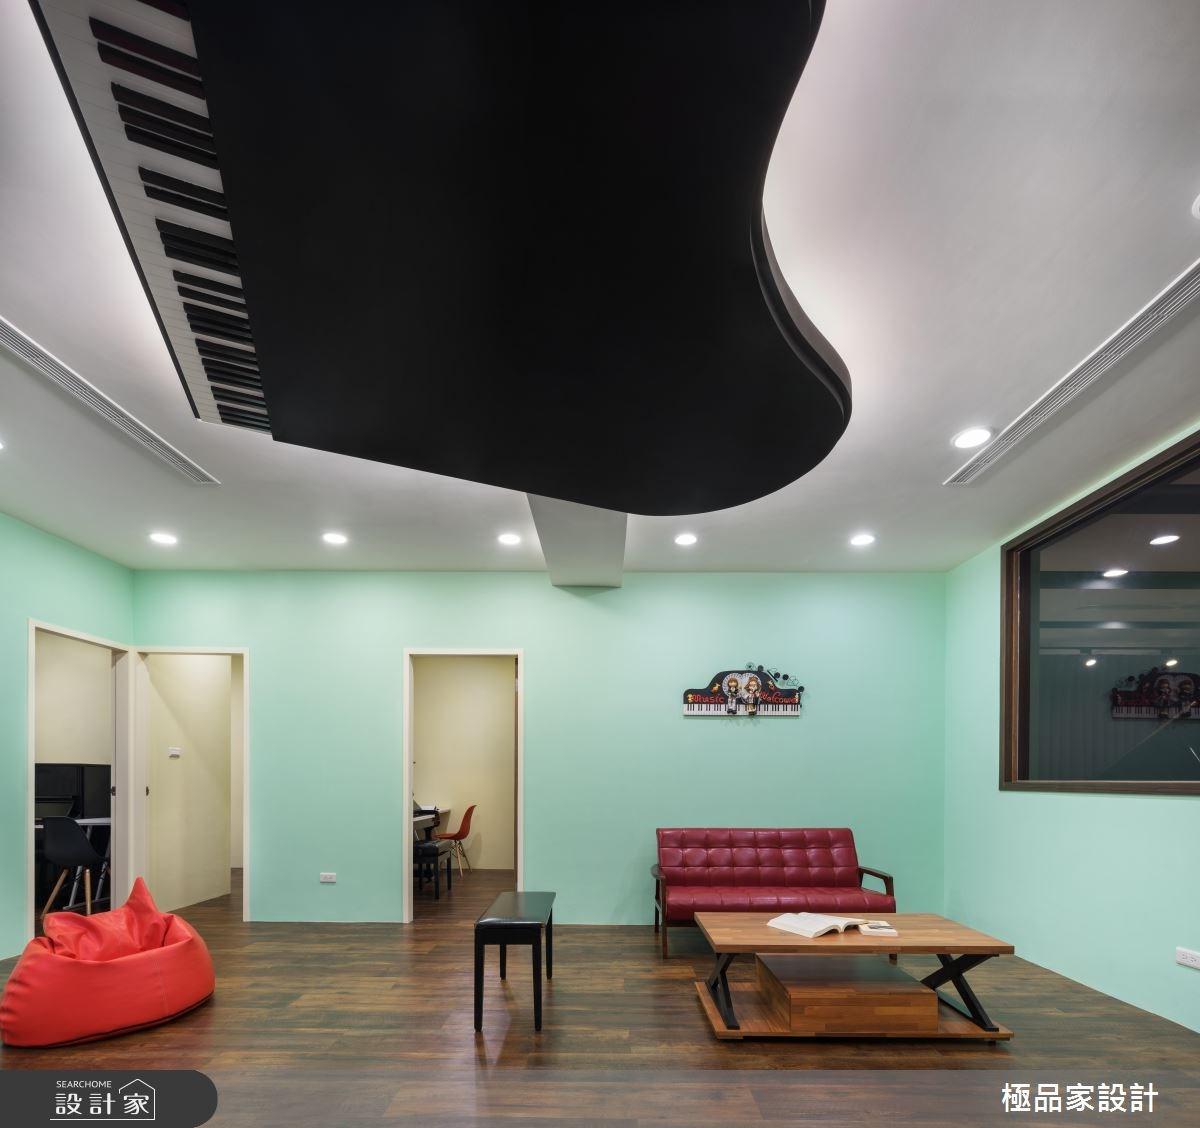 60坪新成屋(5年以下)_現代風案例圖片_極品家設計_極品家_01之2